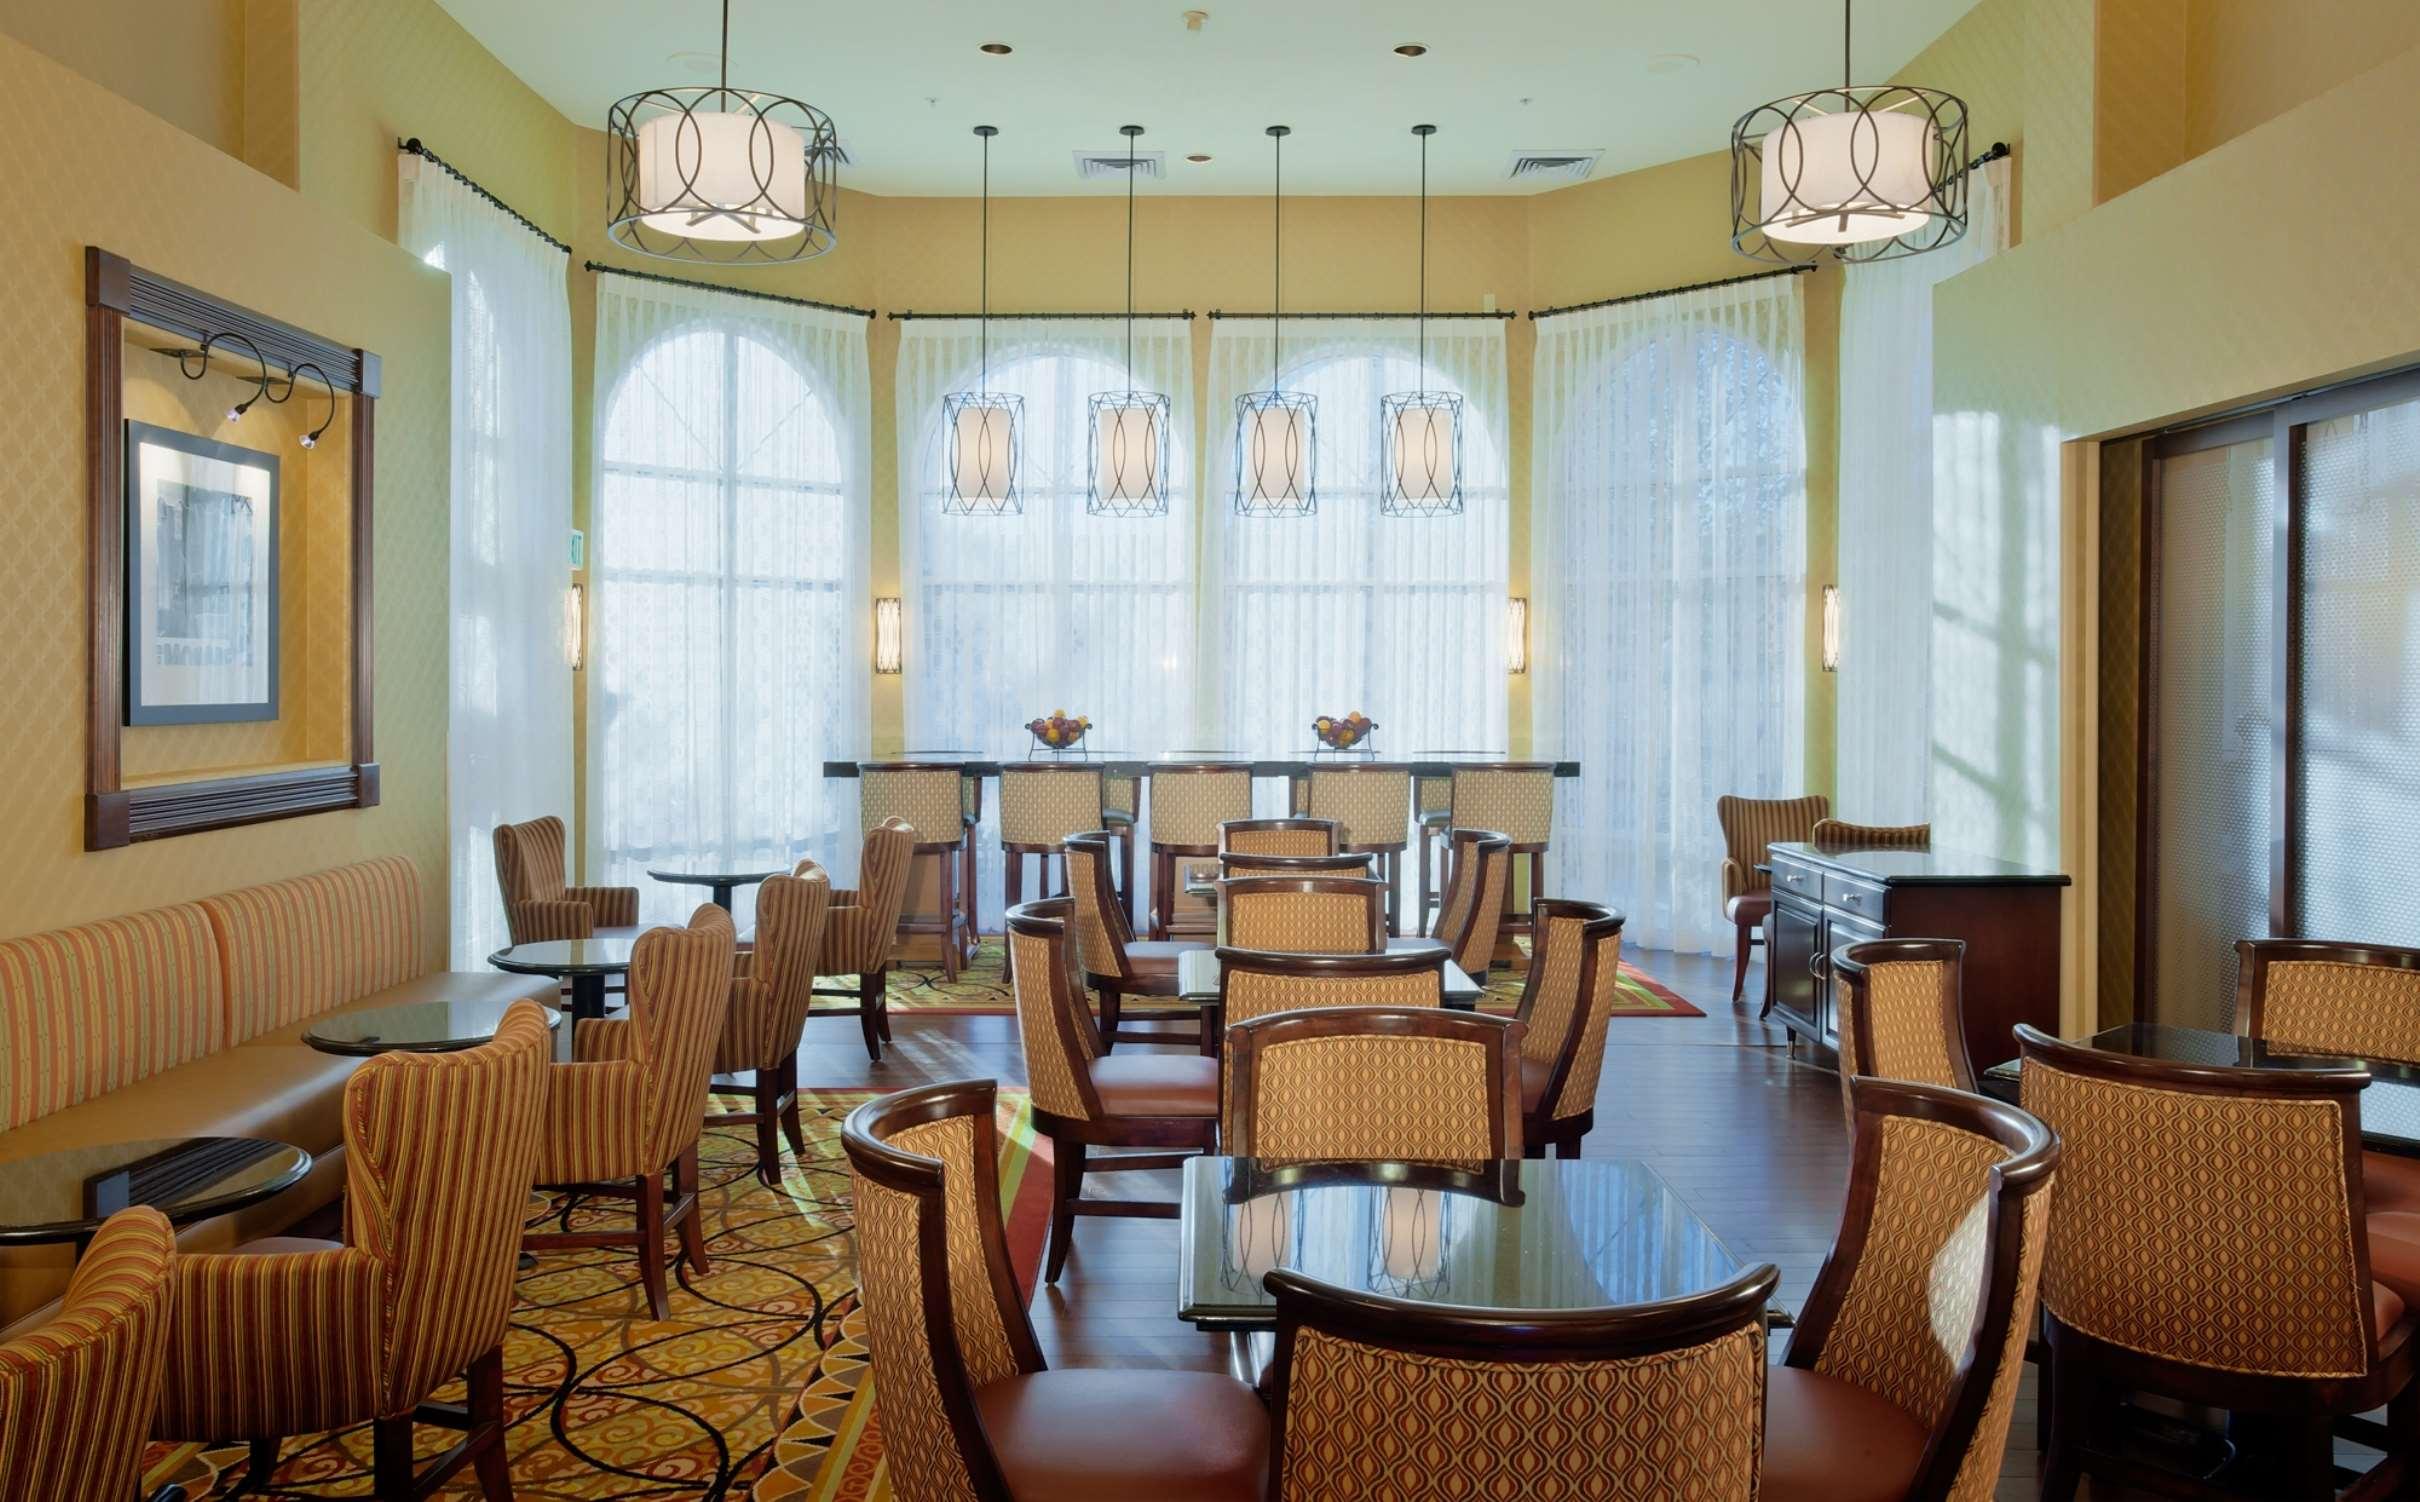 Hampton Inn & Suites Salt Lake City Airport image 11